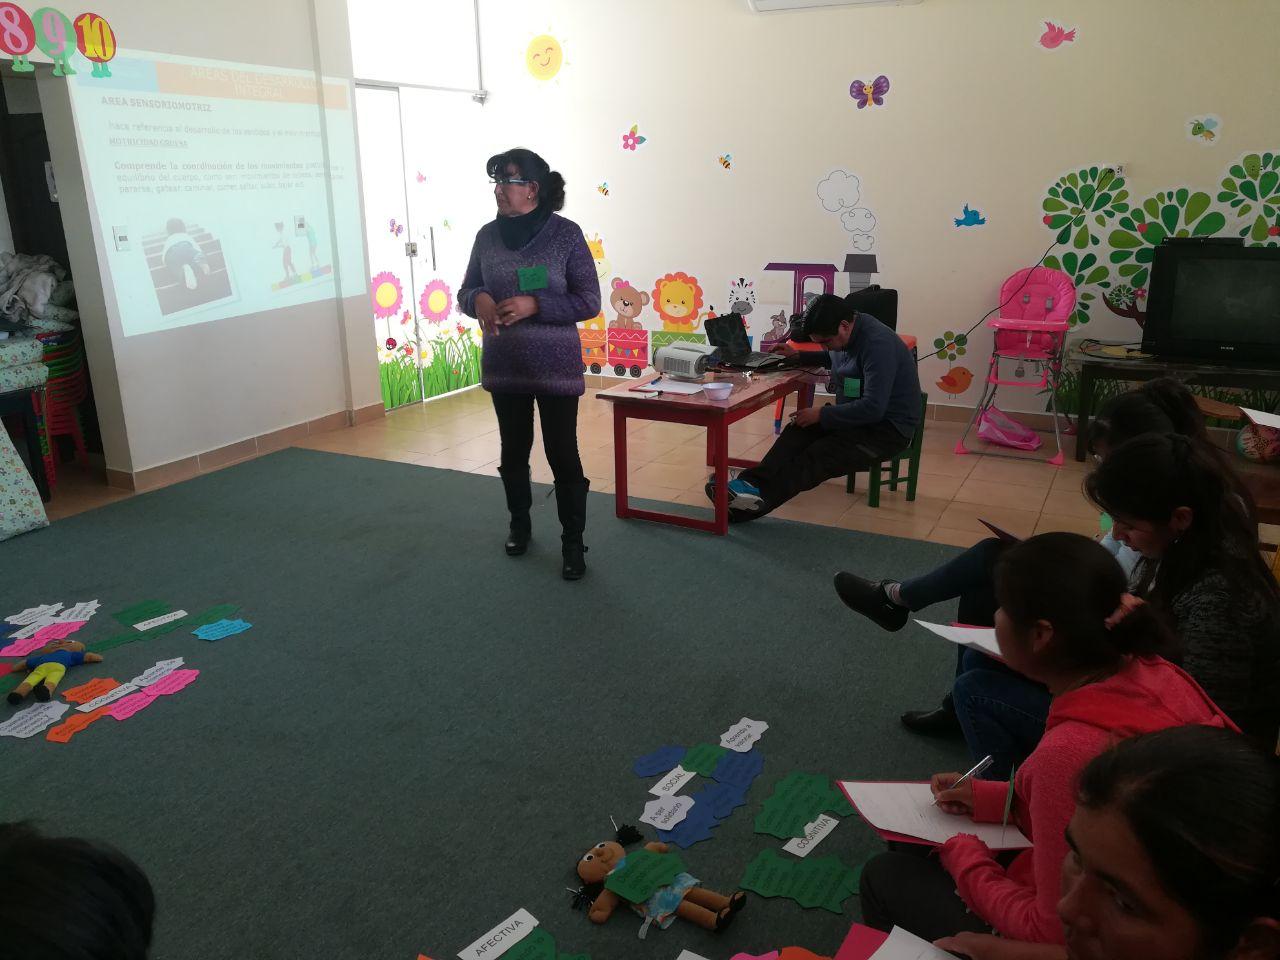 UAJMS y Aldeas SOS firman convenio para aplicar el método Montessori en el Centro Integral Infantil JMS